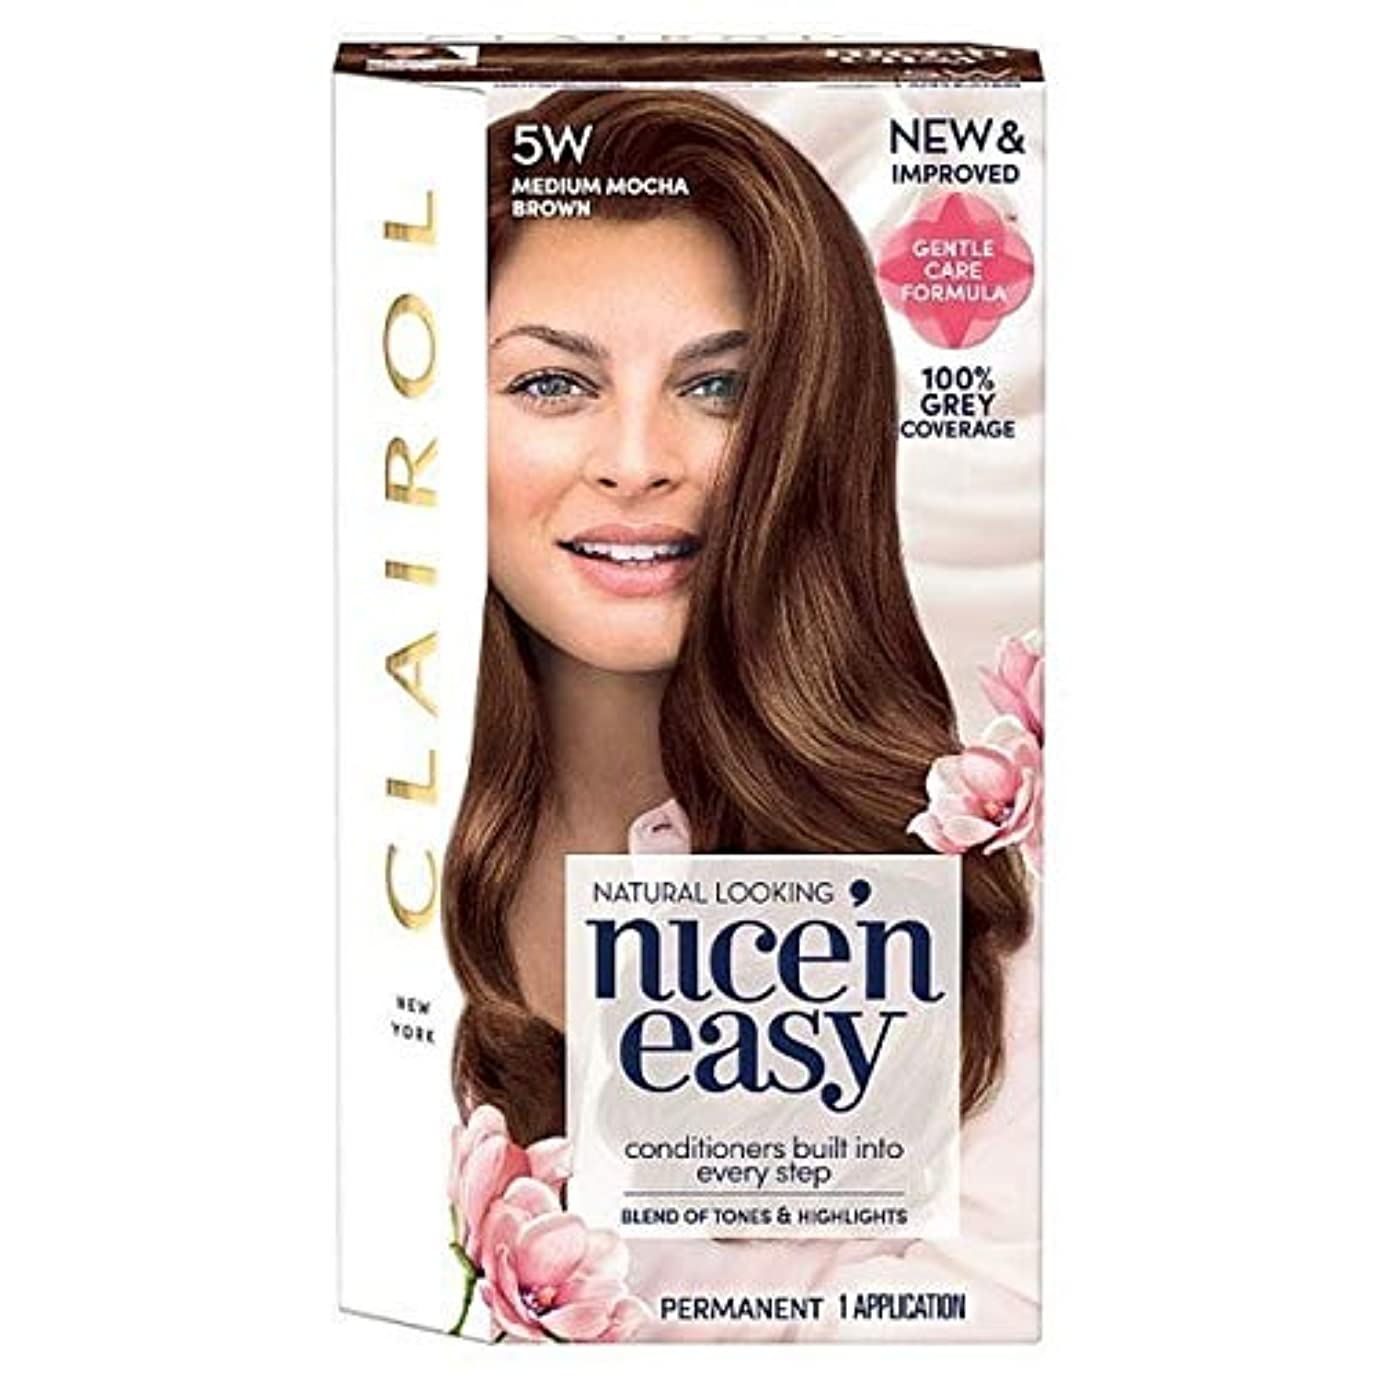 共和党方法名詞[Nice'n Easy] 簡単な5ワットメディアモカブラウンNice'N - Nice'n Easy 5W Medium Mocha Brown [並行輸入品]